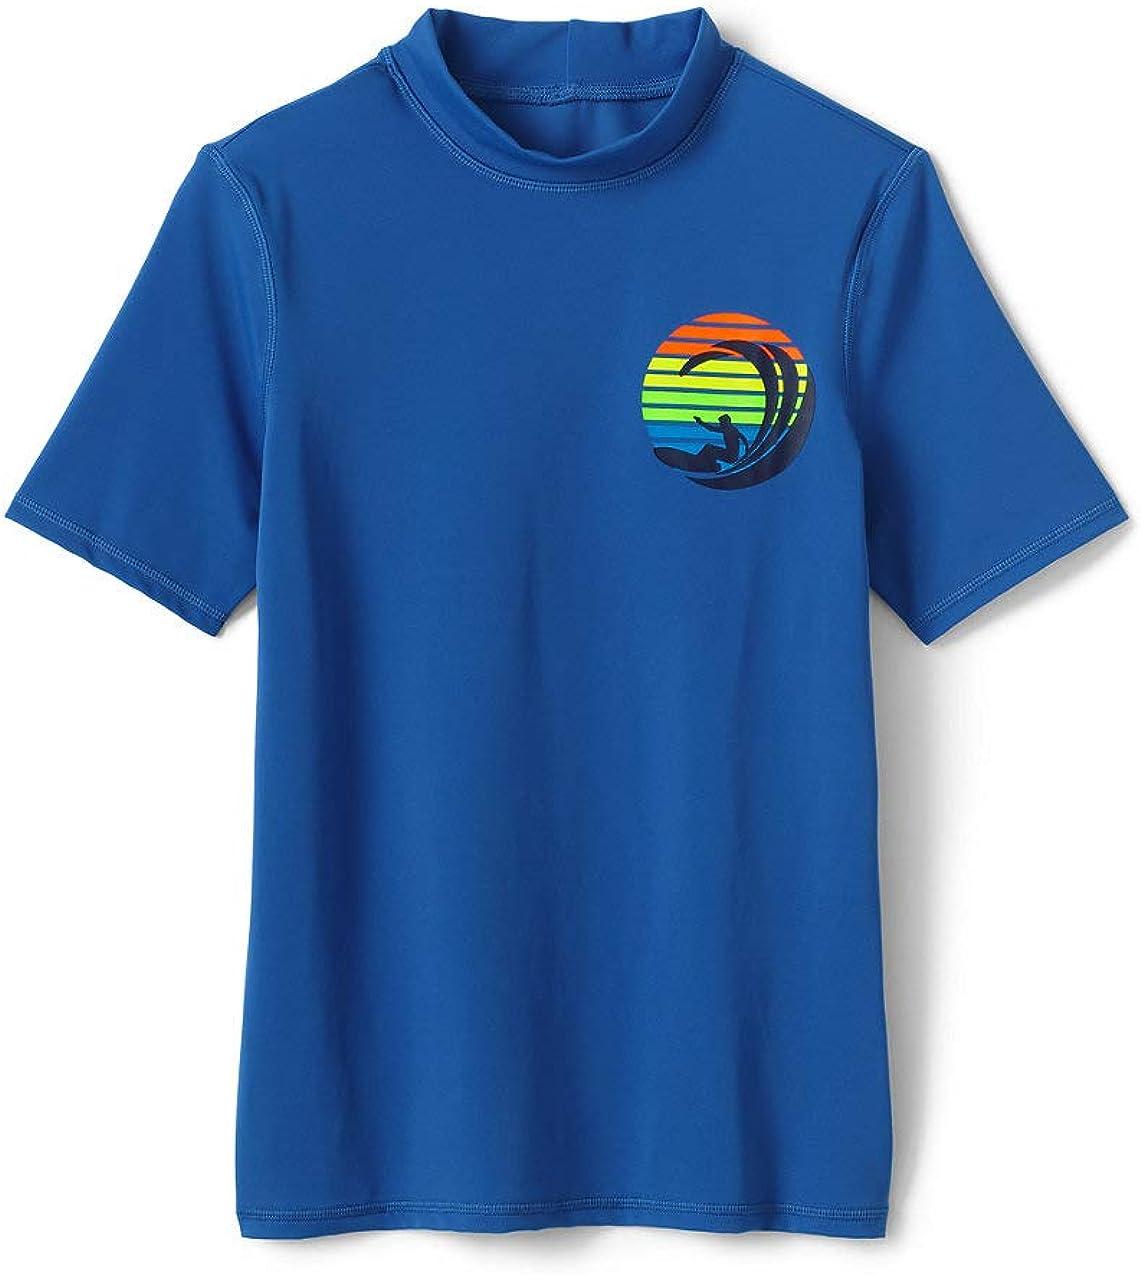 Lands End Boys Graphic Rashguard Rainbow Surf Largeittle Kid Medium